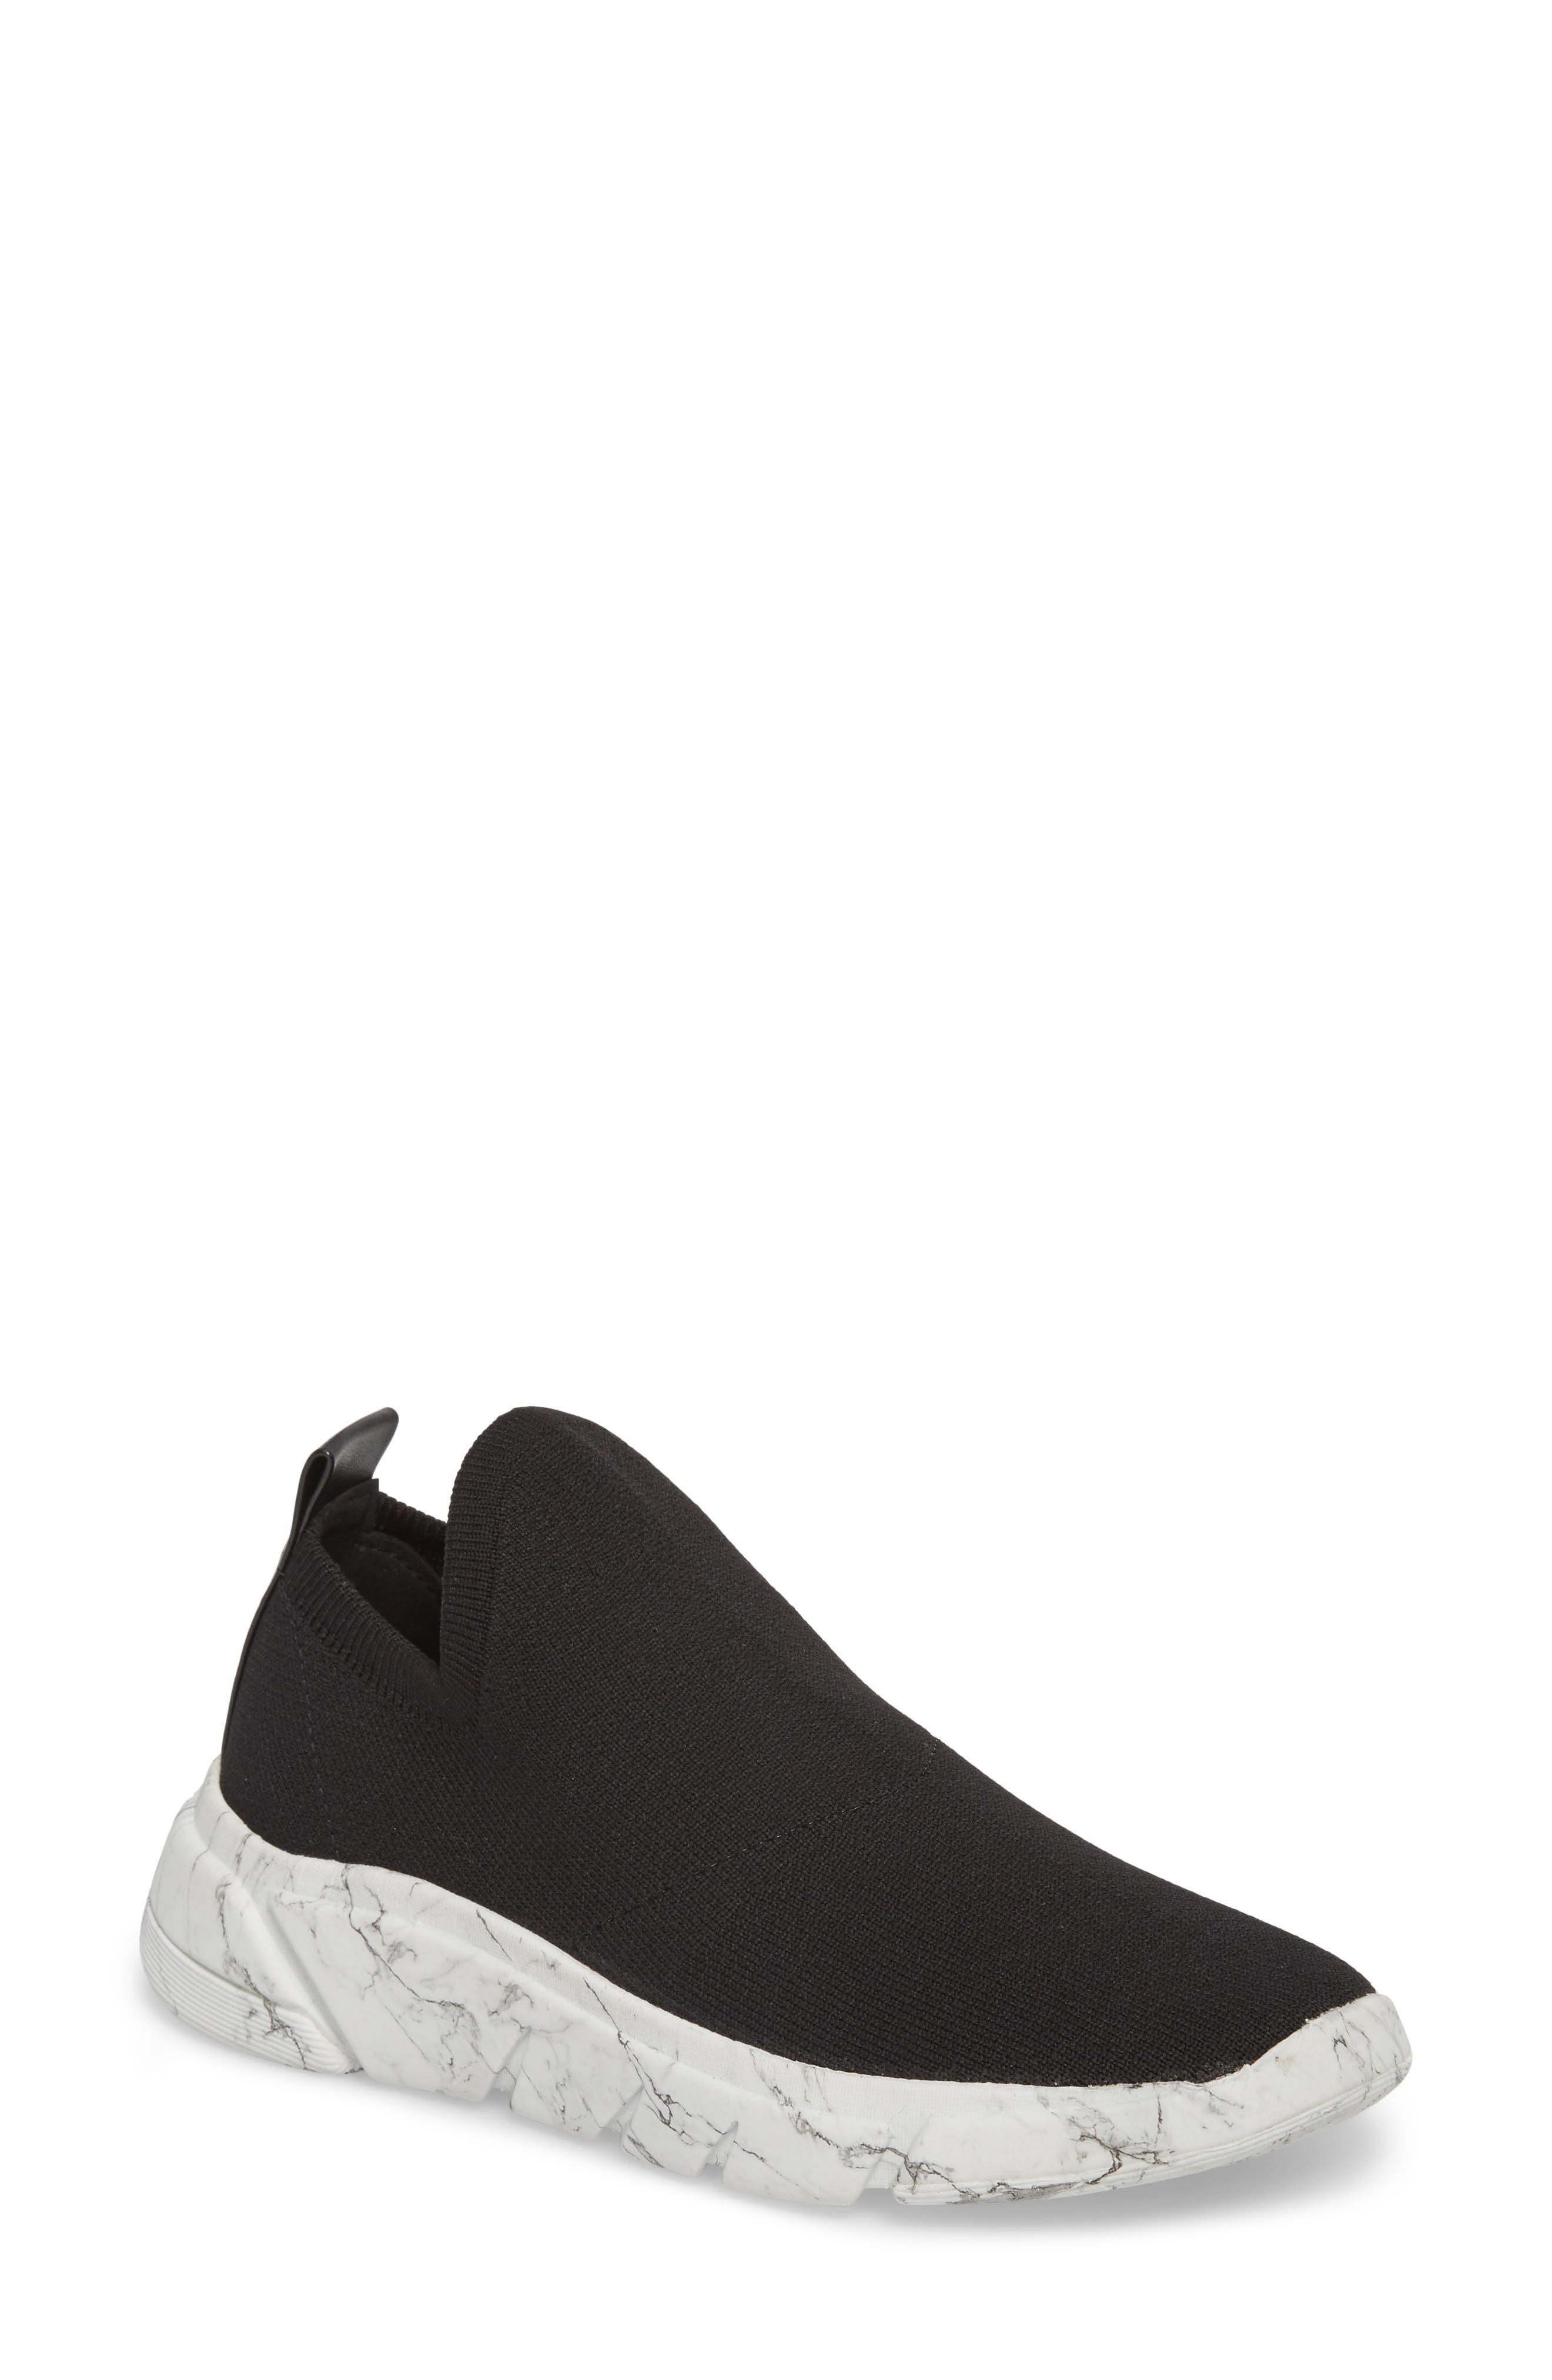 Caleb Knit Sneaker,                         Main,                         color, BLACK